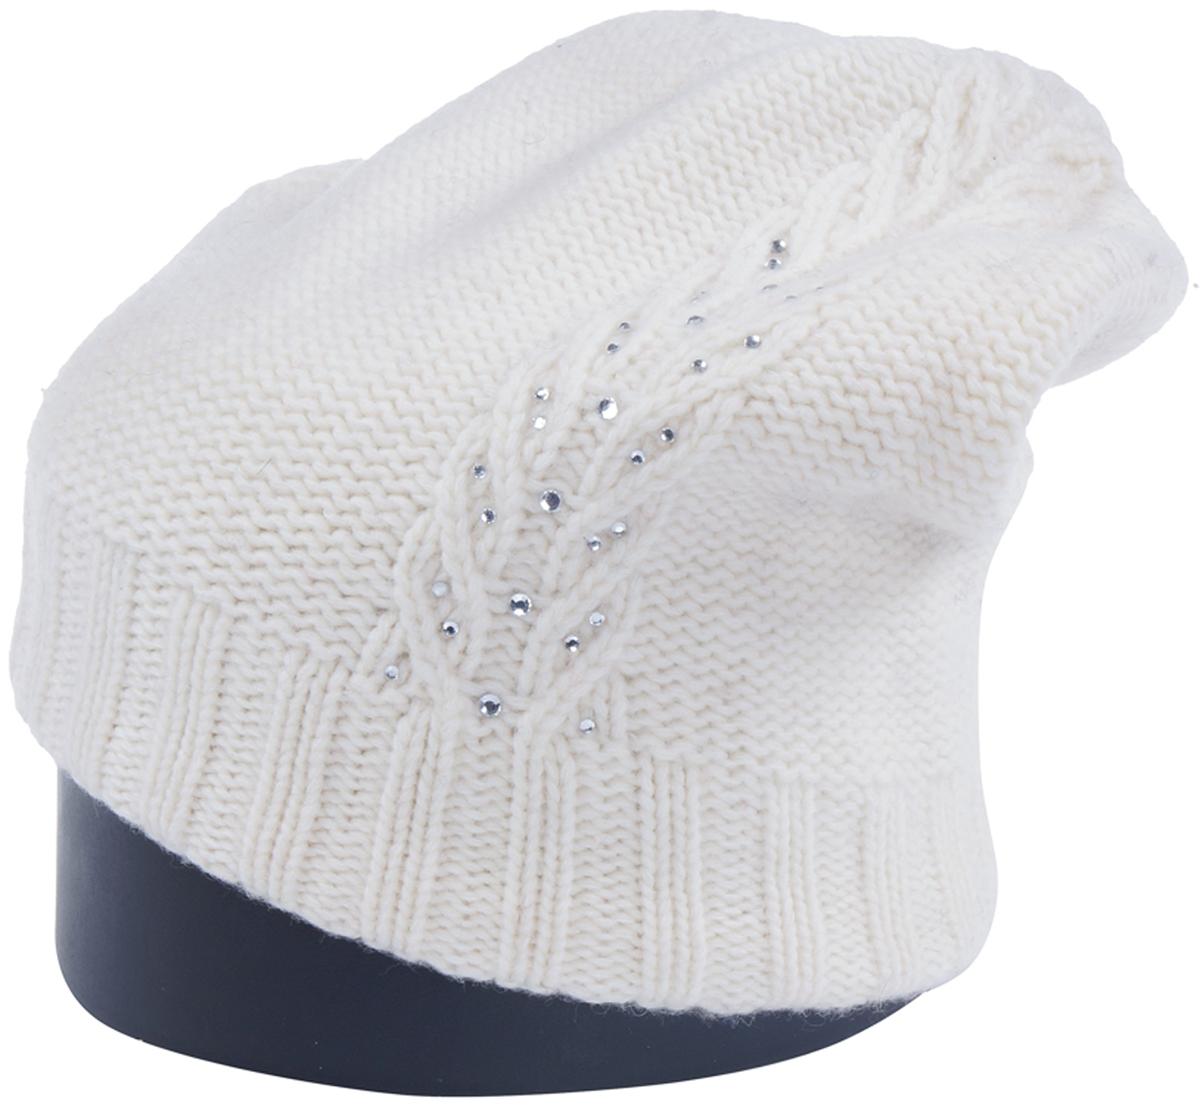 Шапка женская Vittorio Richi, цвет: белый. Aut241757N-11/17. Размер 56/58Aut241757NСтильная женская шапка Vittorio Richi отлично дополнит ваш образ в холодную погоду. Модель, изготовленная из шерсти с добавлением полиамида, максимально сохраняет тепло и обеспечивает удобную посадку. Шапка дополнена ажурной вязкой и сбоку стразами. Привлекательная стильная шапка подчеркнет ваш неповторимый стиль и индивидуальность.